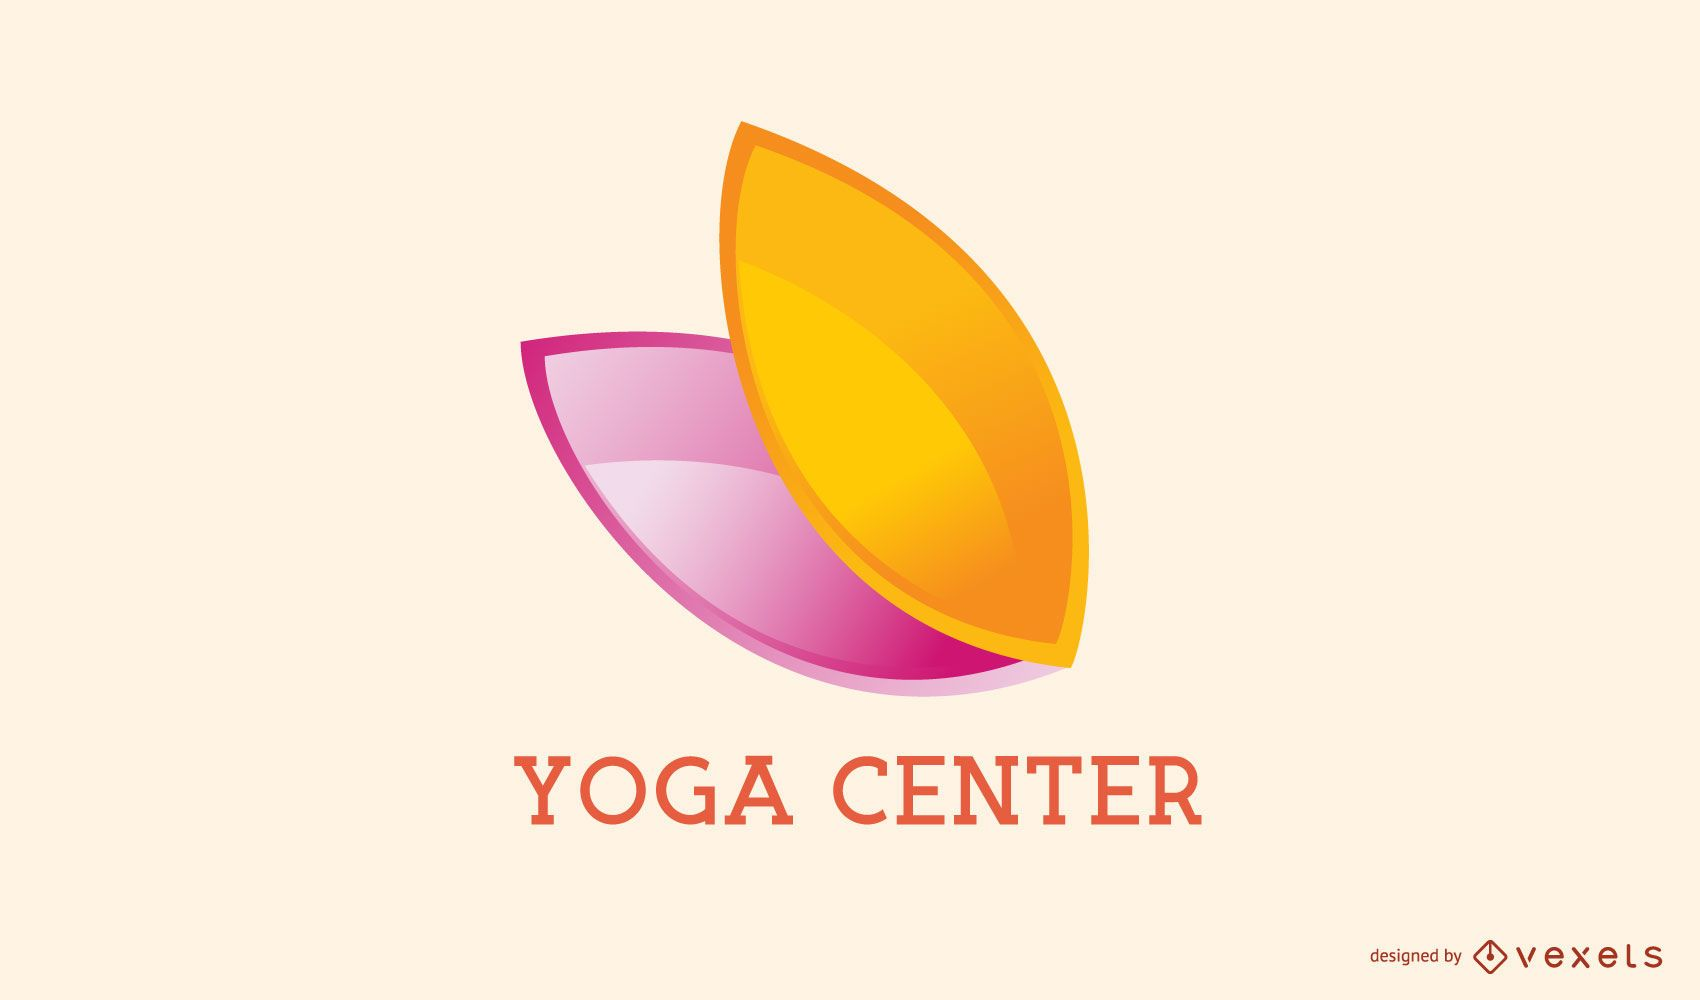 Yoga Center Business Logo Design